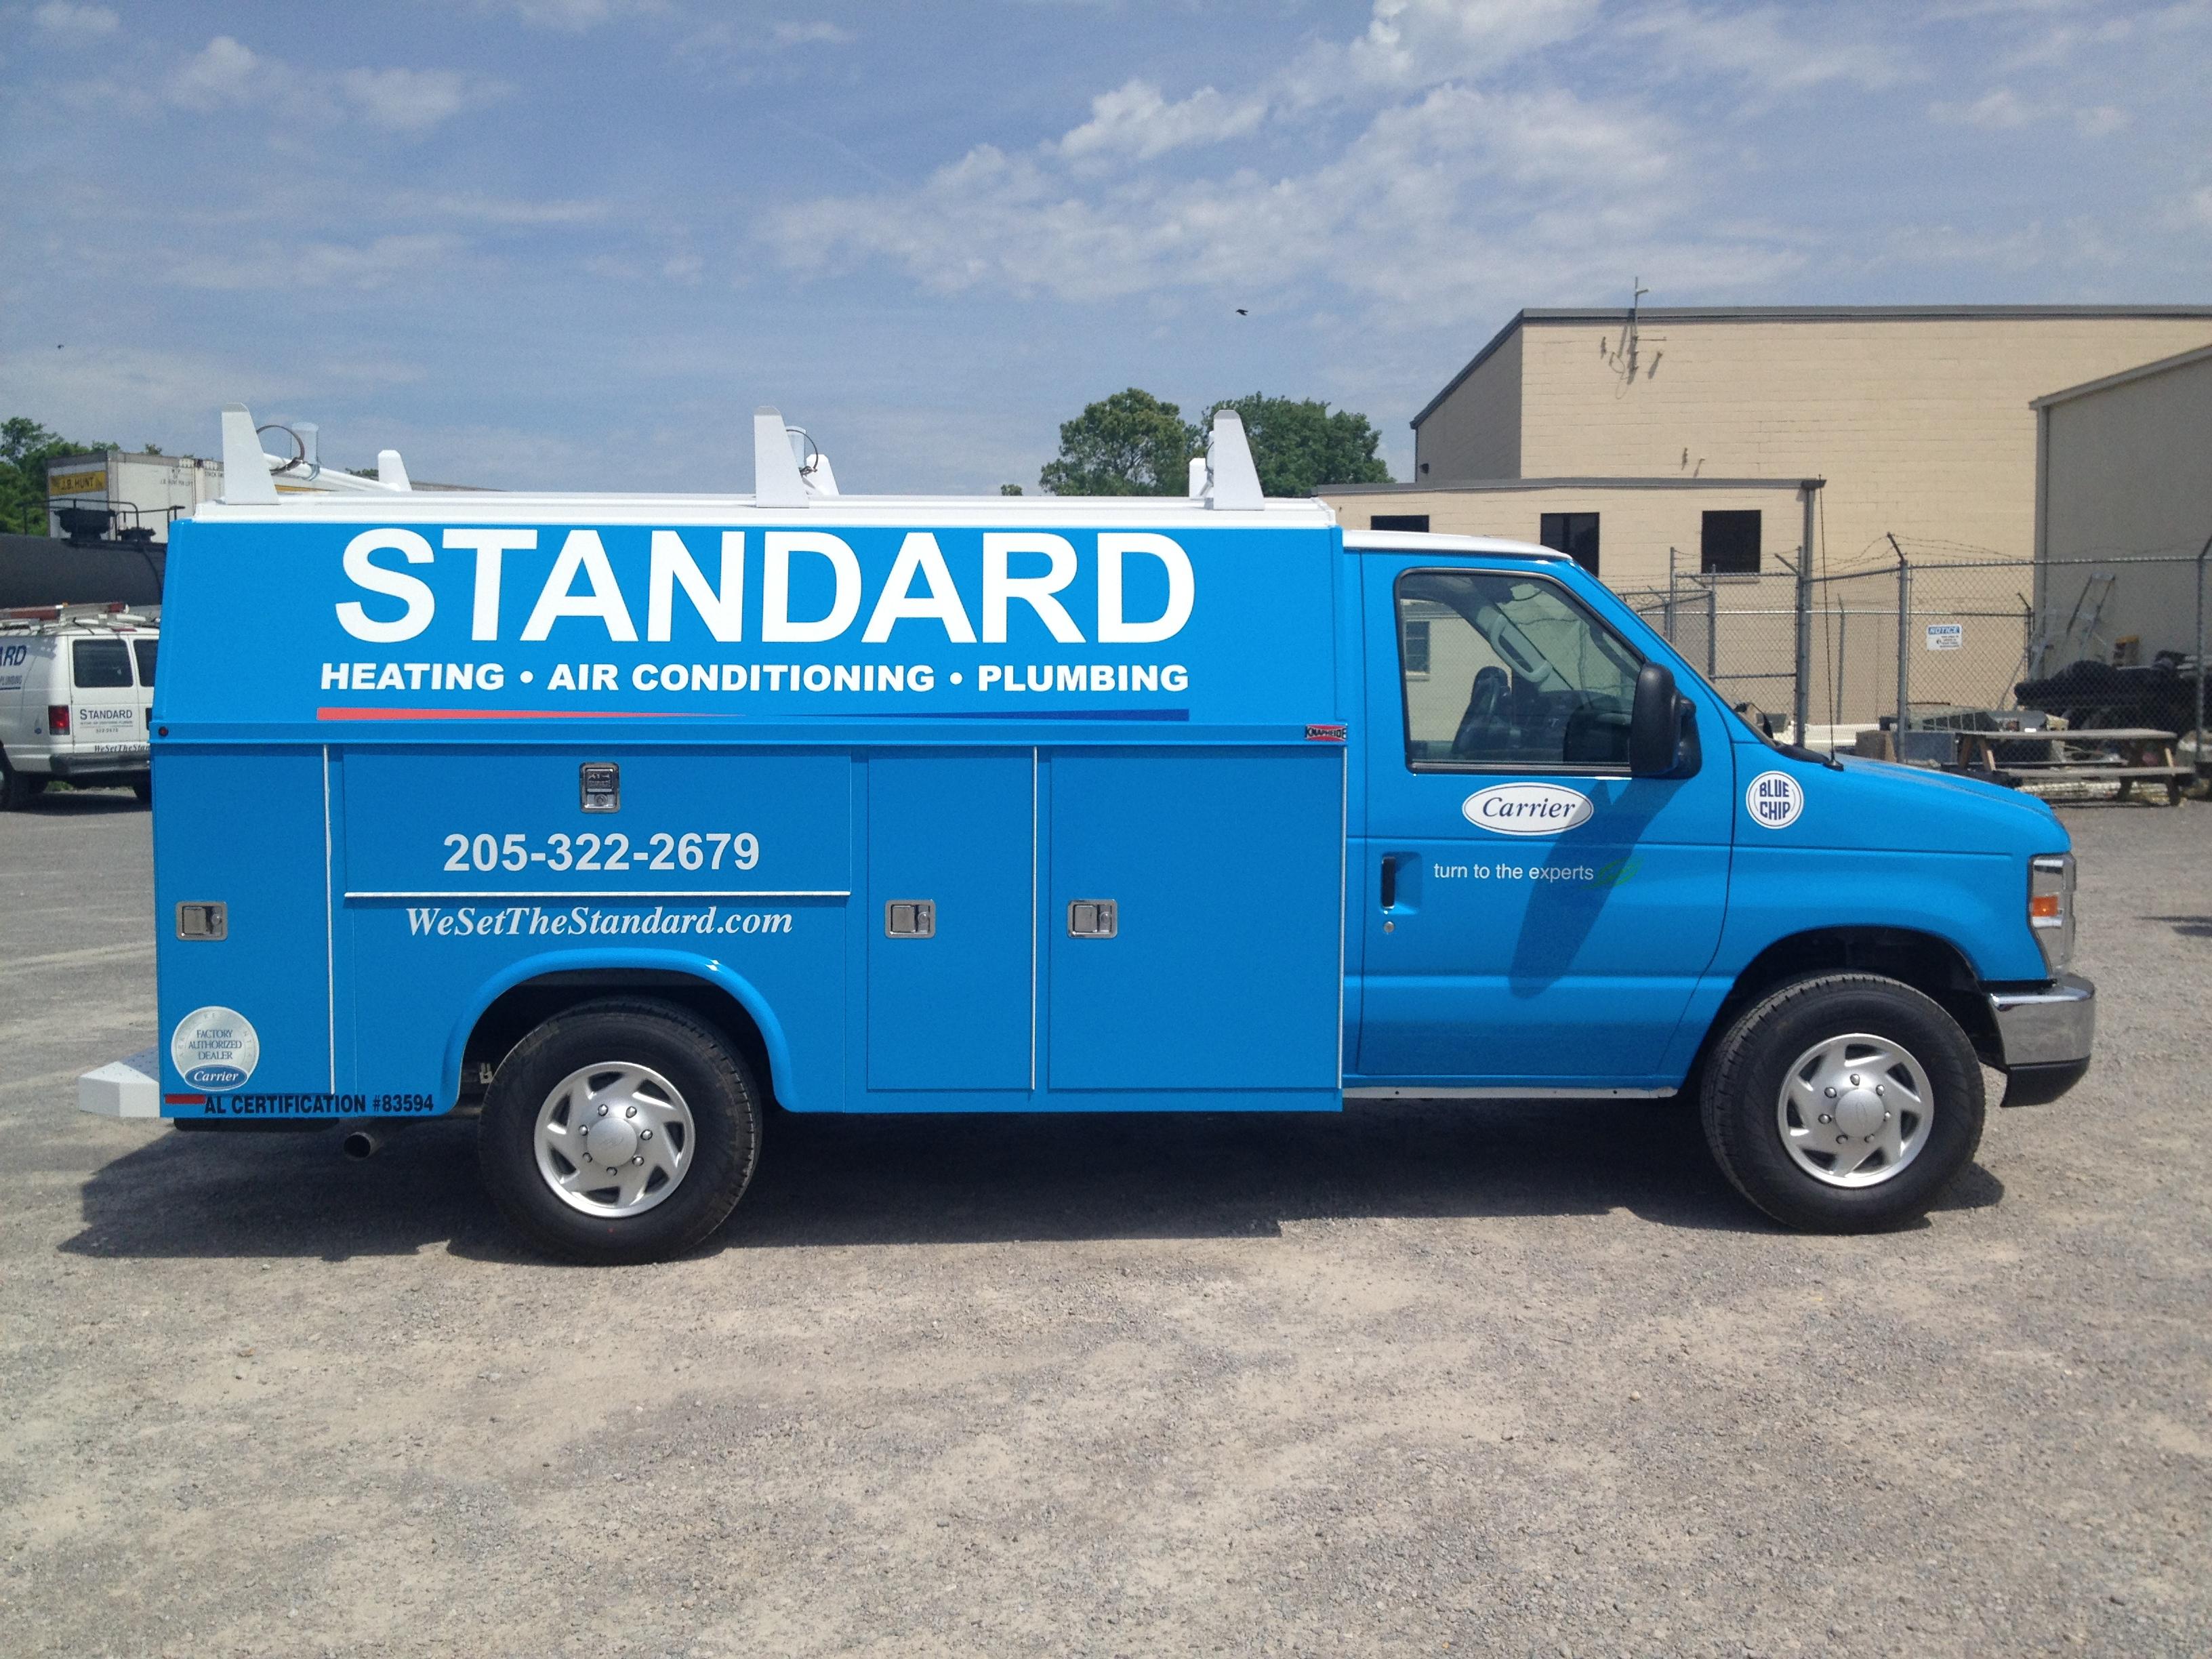 Standard Air, Plumbing, Insulation